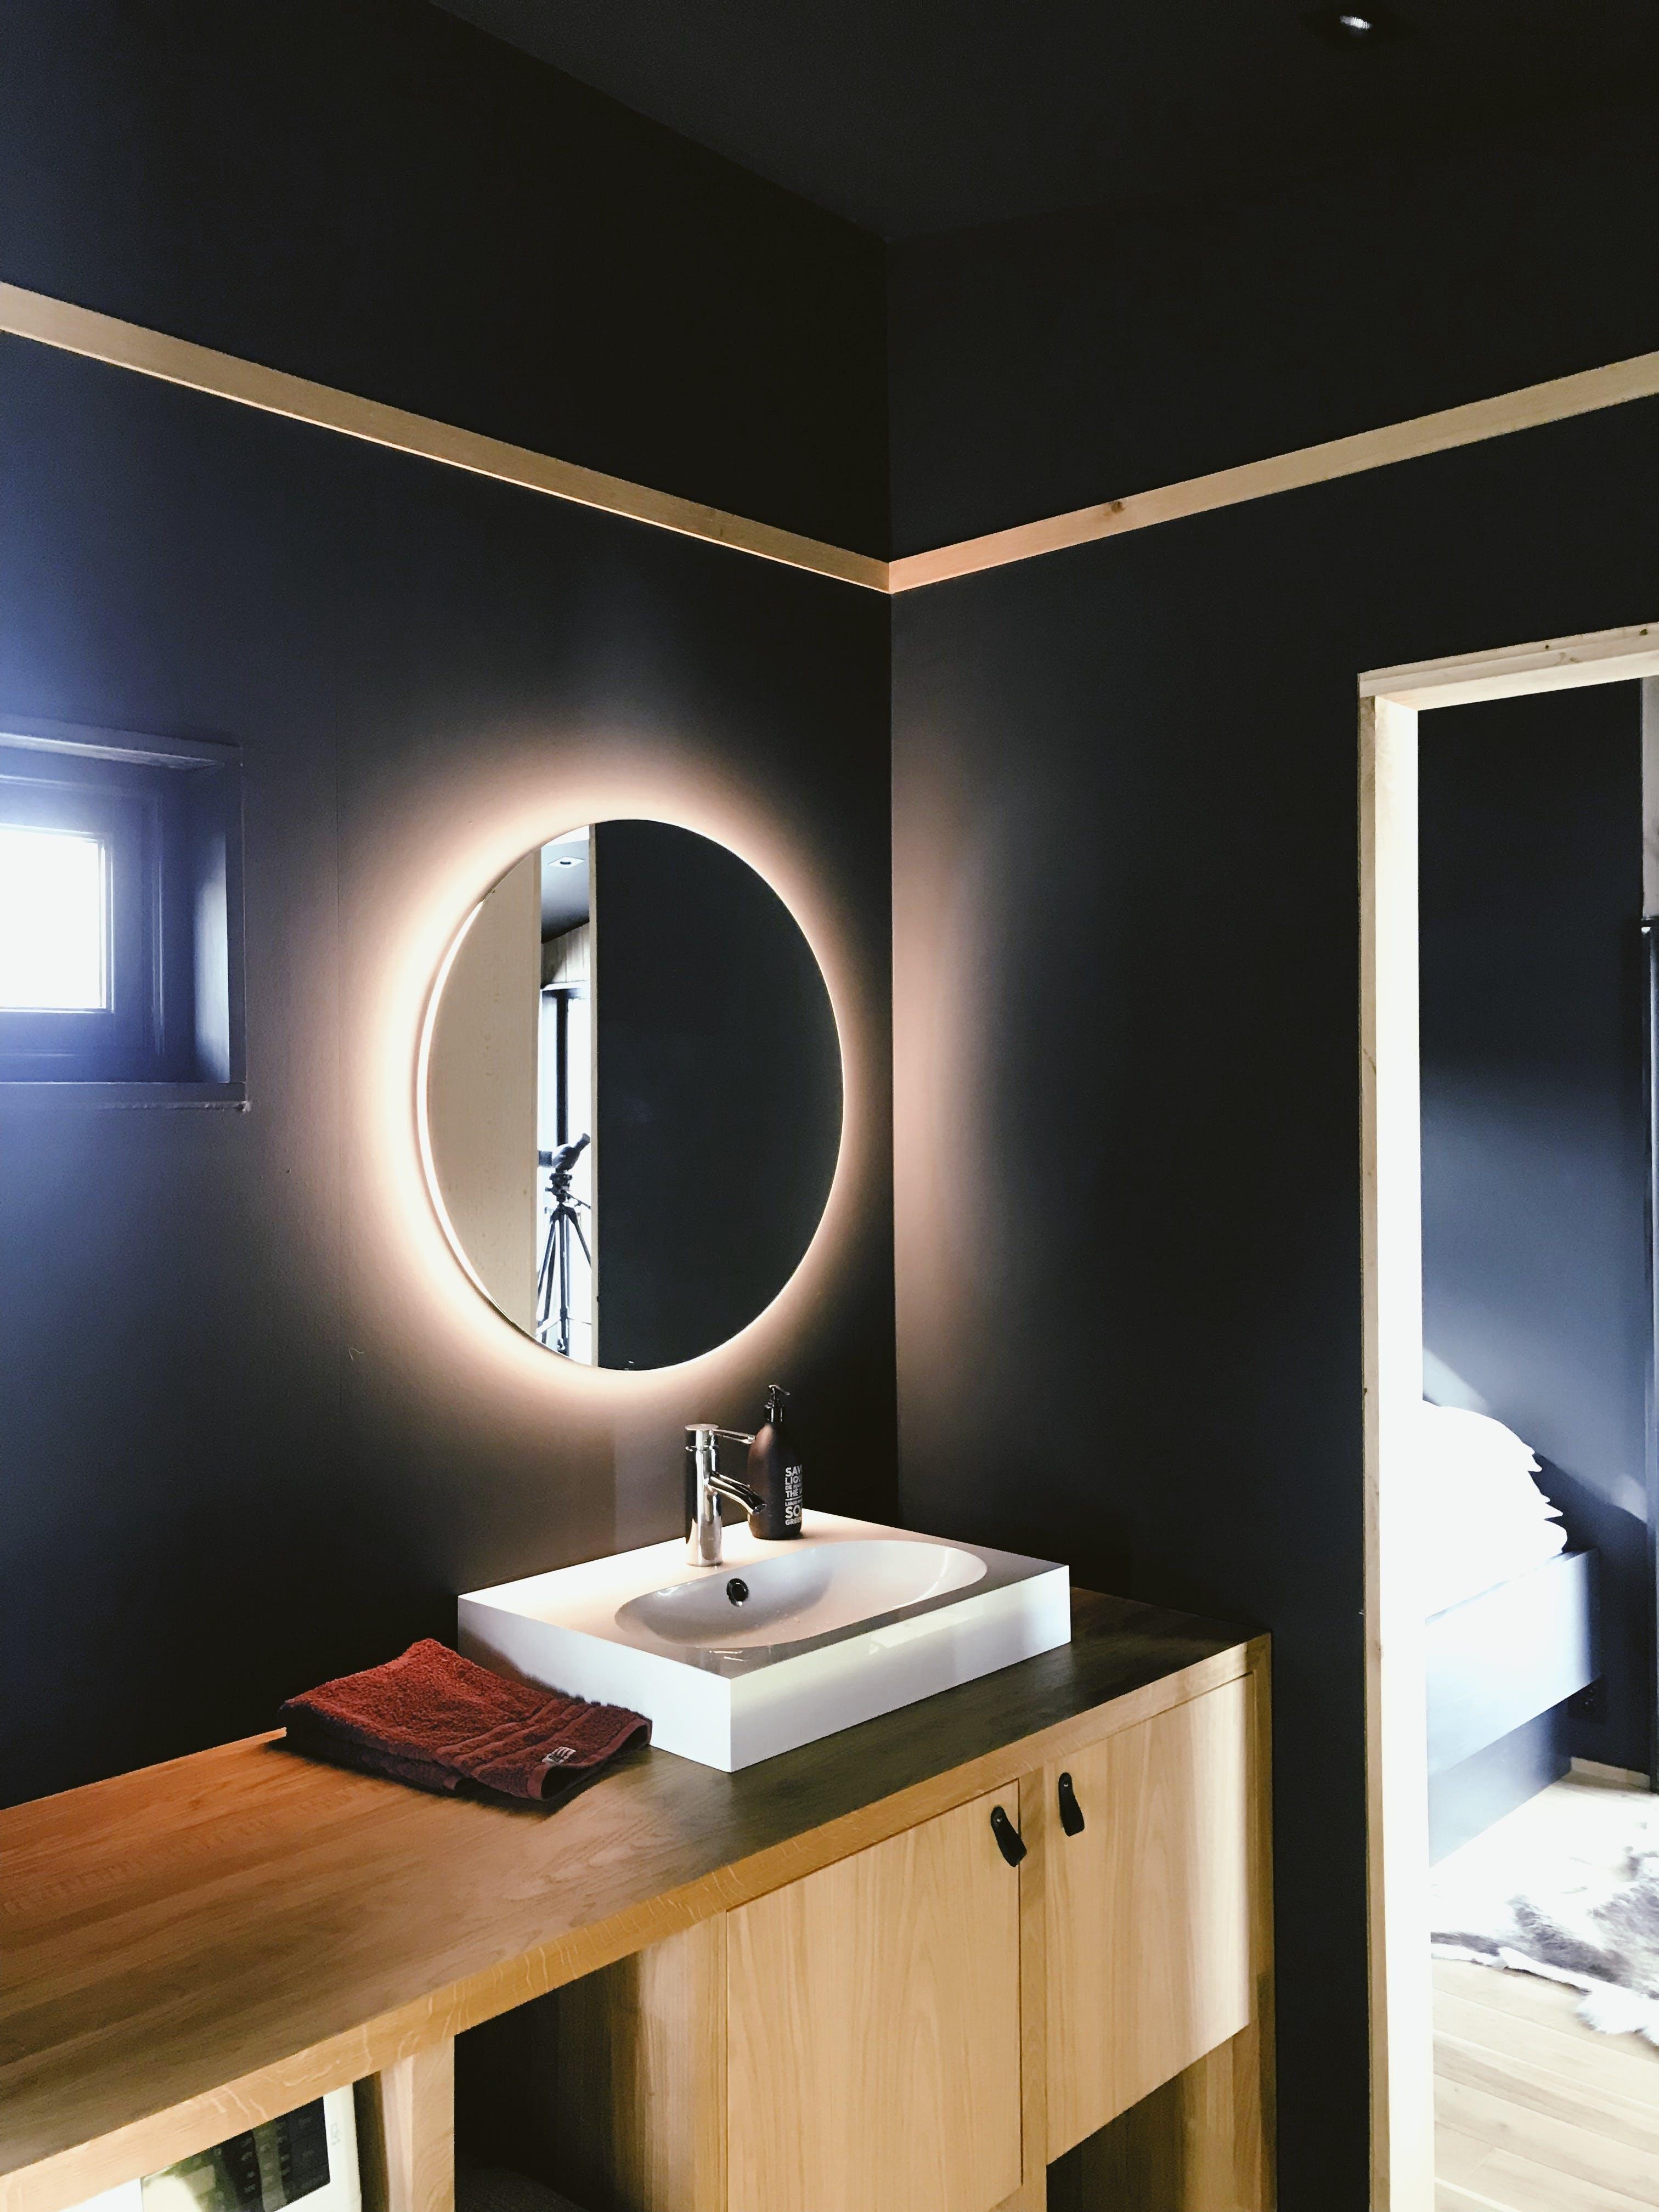 Foto d'estoc gratuïta de acoblament de fusta, aixeta, bany, comptador